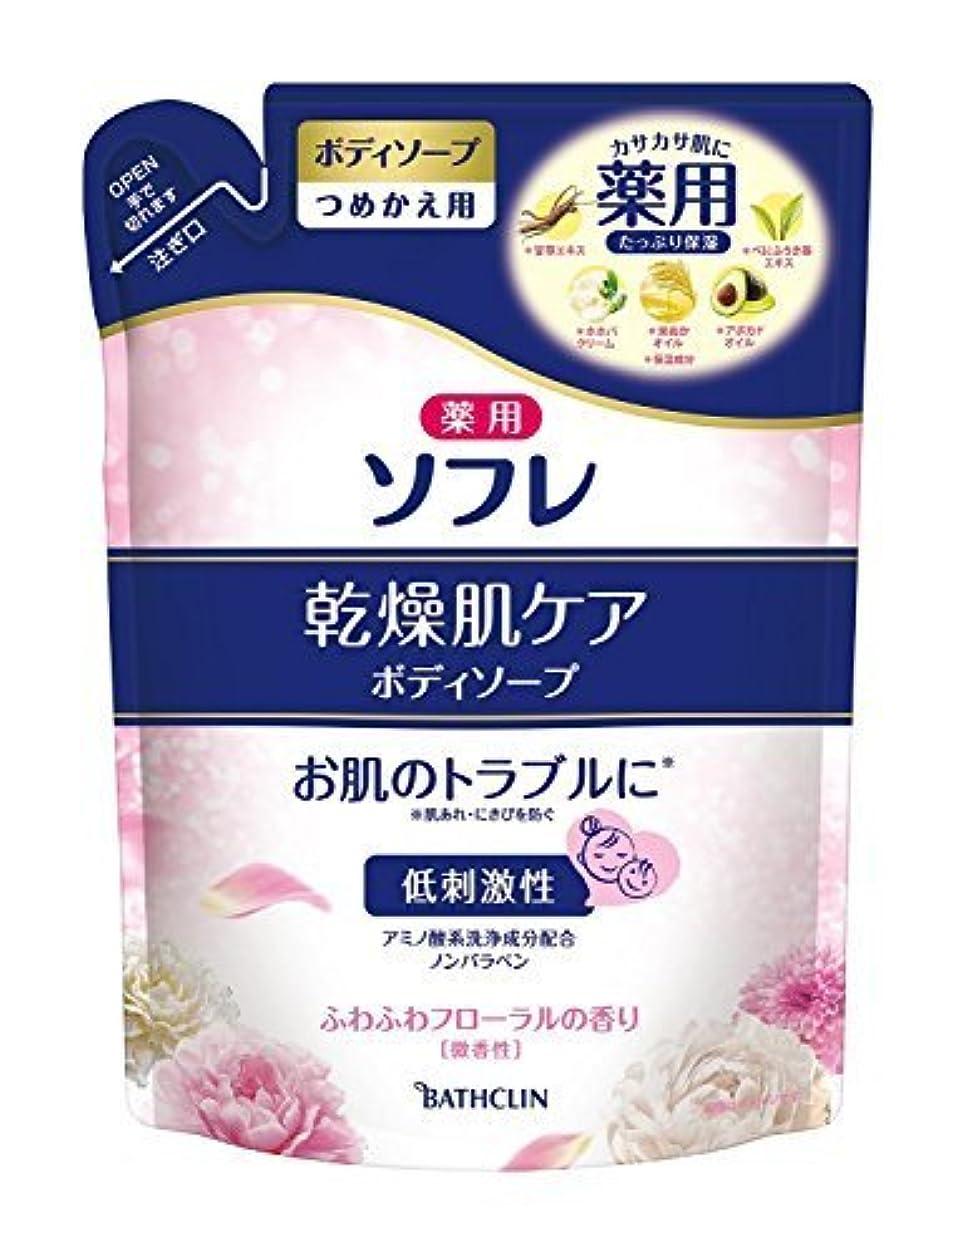 禁じるうまれたフォルダ薬用ソフレ 乾燥肌ケアボディ詰替 × 10個セット